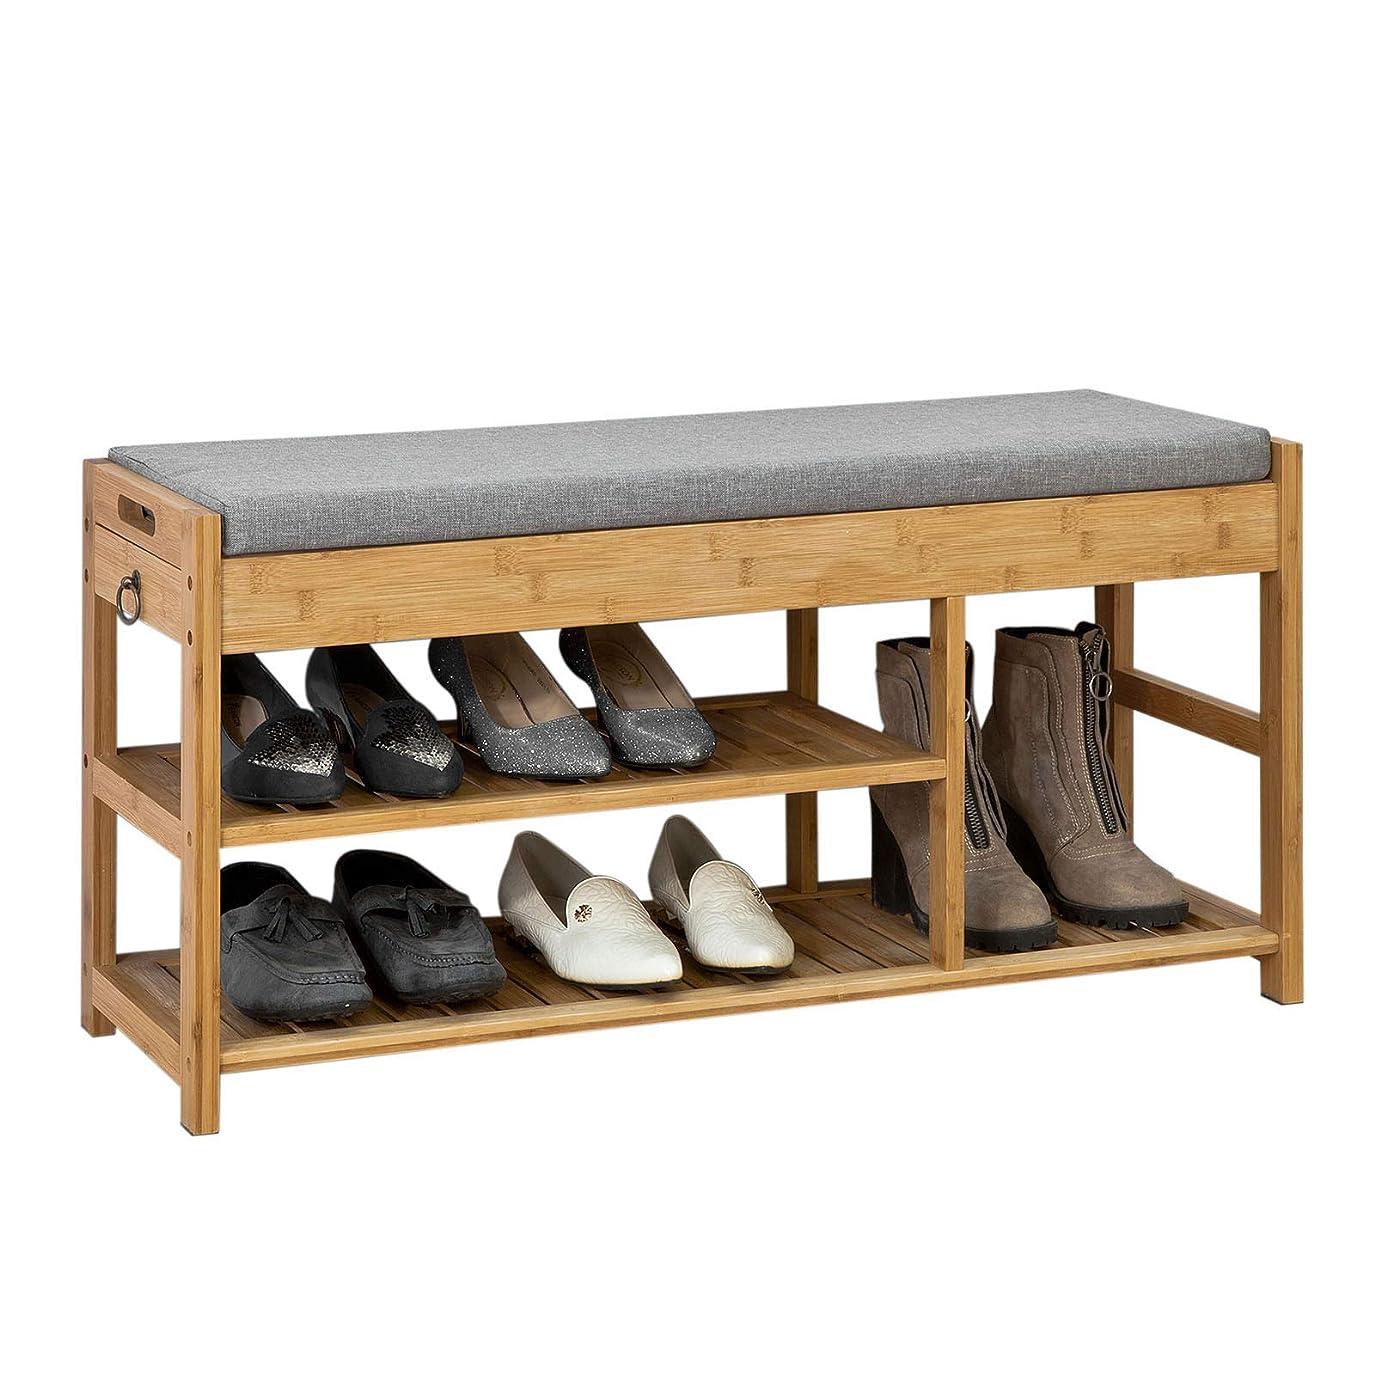 イルクラックポット配管工SoBuy FSR47-N 玄関ベンチ スツール 収納ベンチ 靴収納 玄関 収納付き ベンチ 竹製 ナチュラル 幅90cm